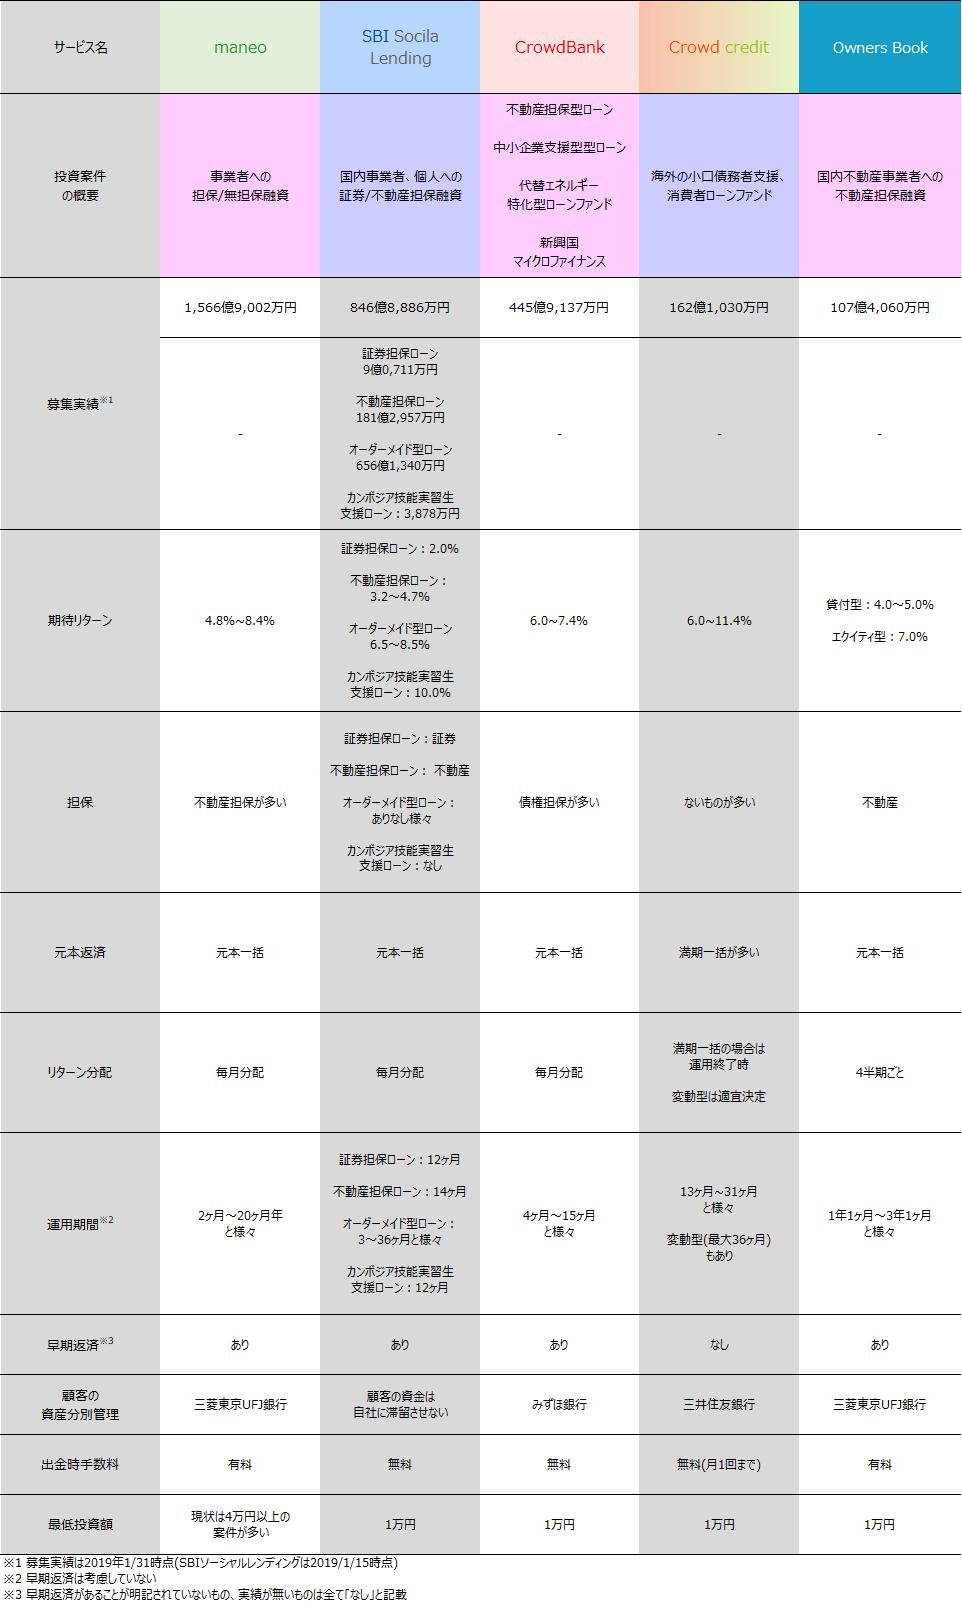 01ソーシャルレンディング2019年01月各社案件比較